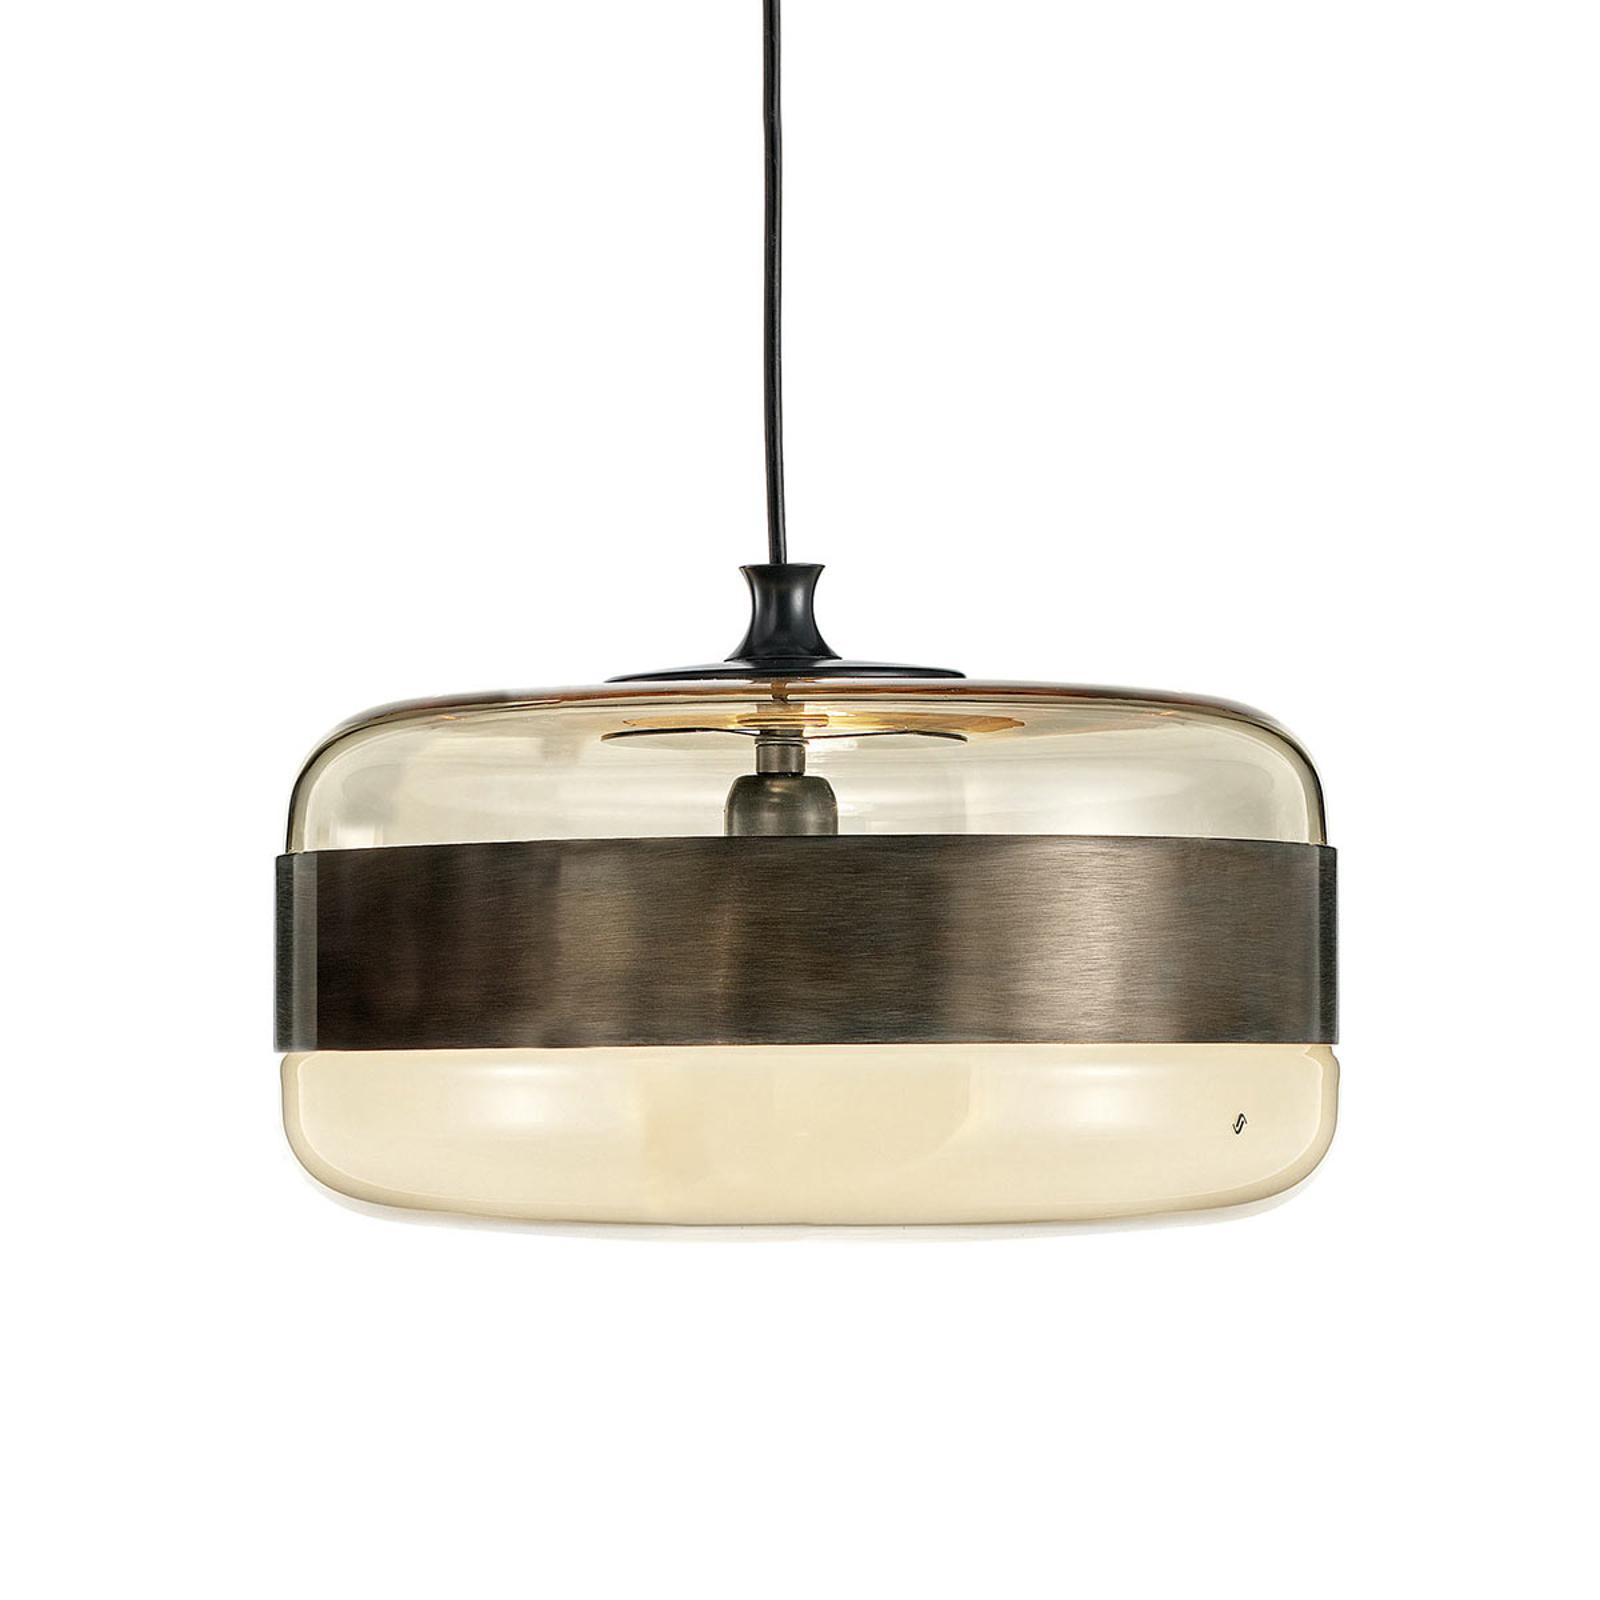 Szklana lampa wisząca Futura w brązie, 40 cm